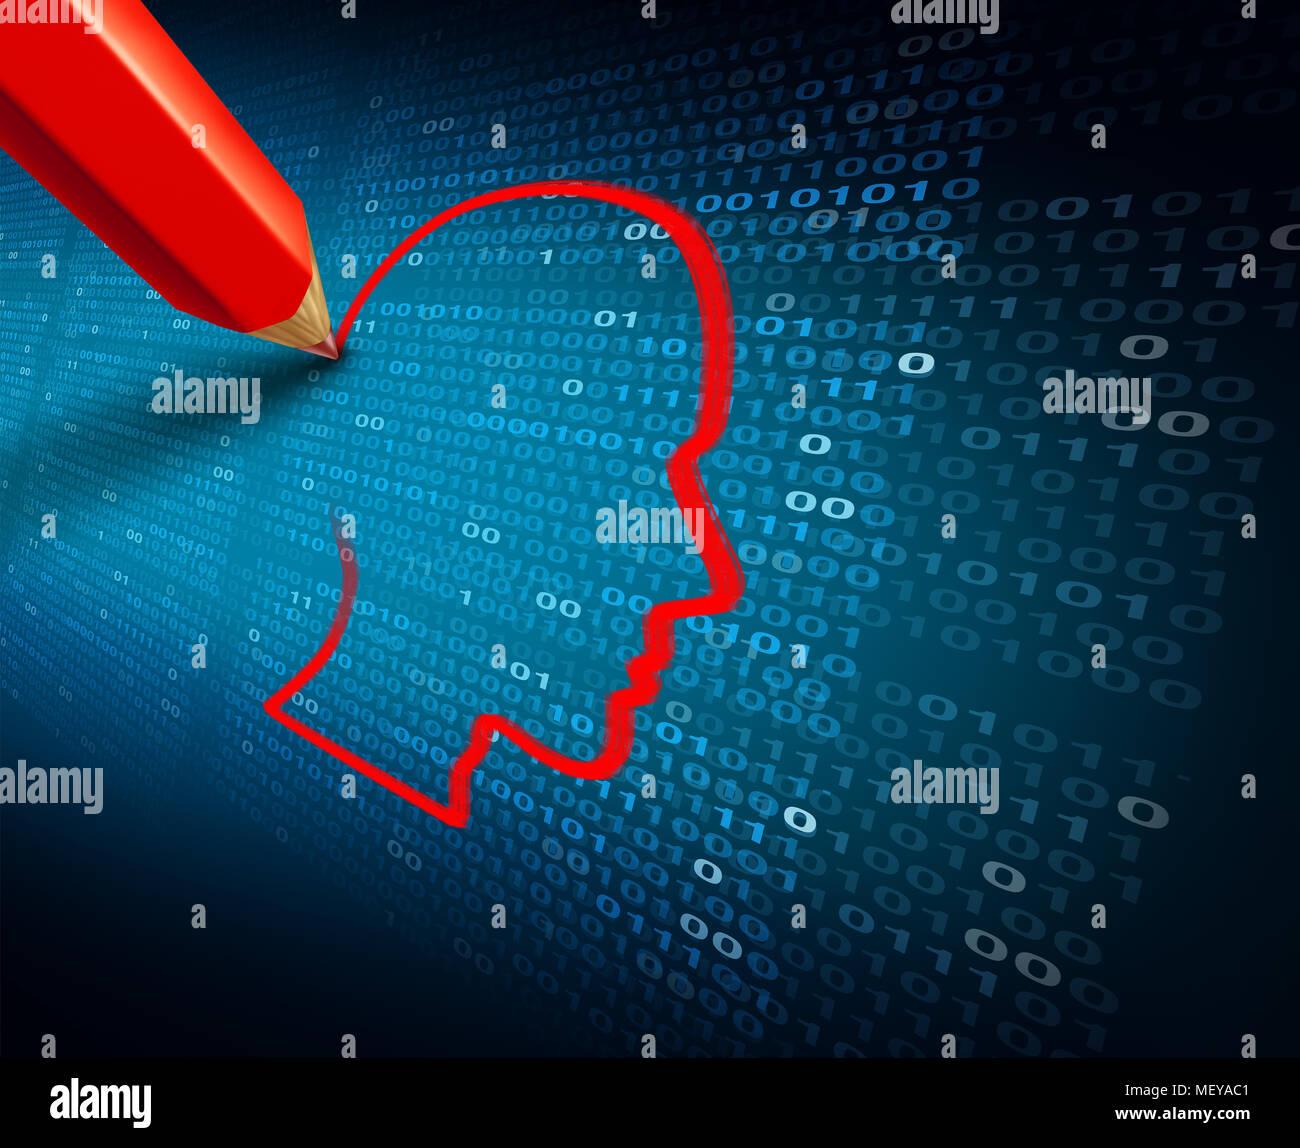 La suplantación de identidad (phishing) y datos privados hack y robar información personal como como la ciberdelincuencia o delitos cibernéticos los medios sociales concepto de seguridad. Imagen De Stock